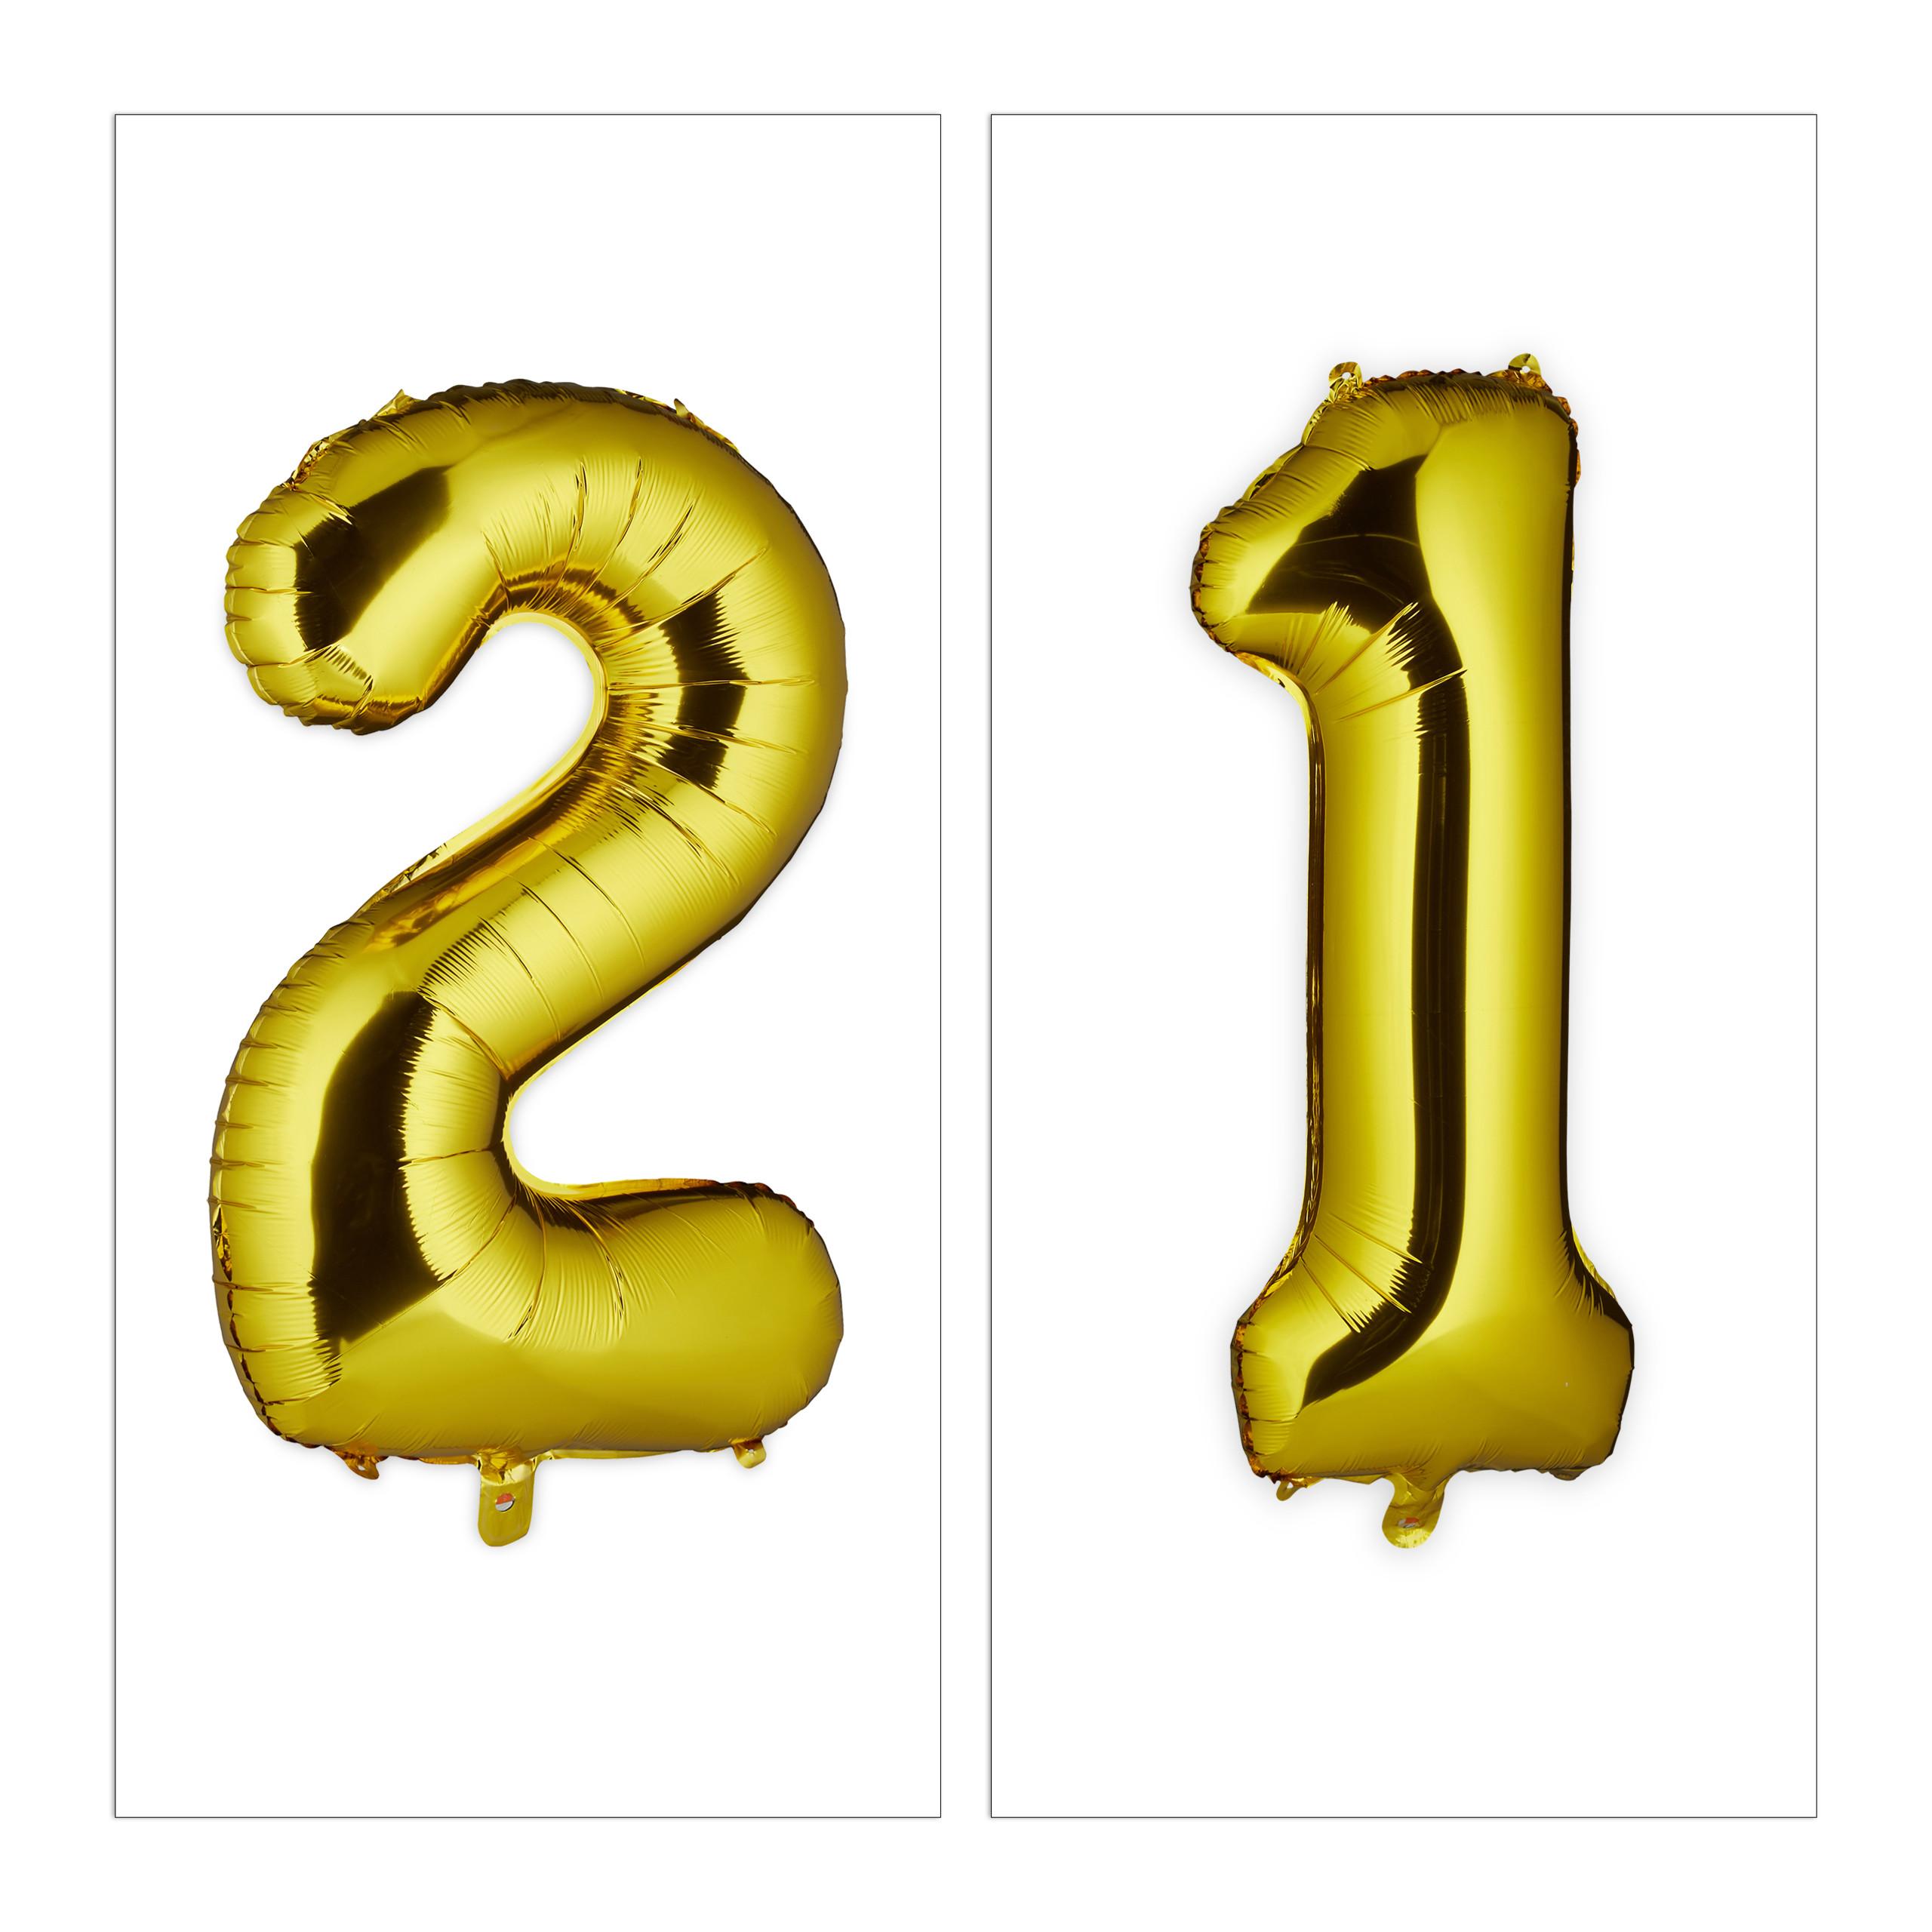 Ballon-chiffre-numero-21-gonflable-anniversaire-decoration-geant-mariage miniature 8